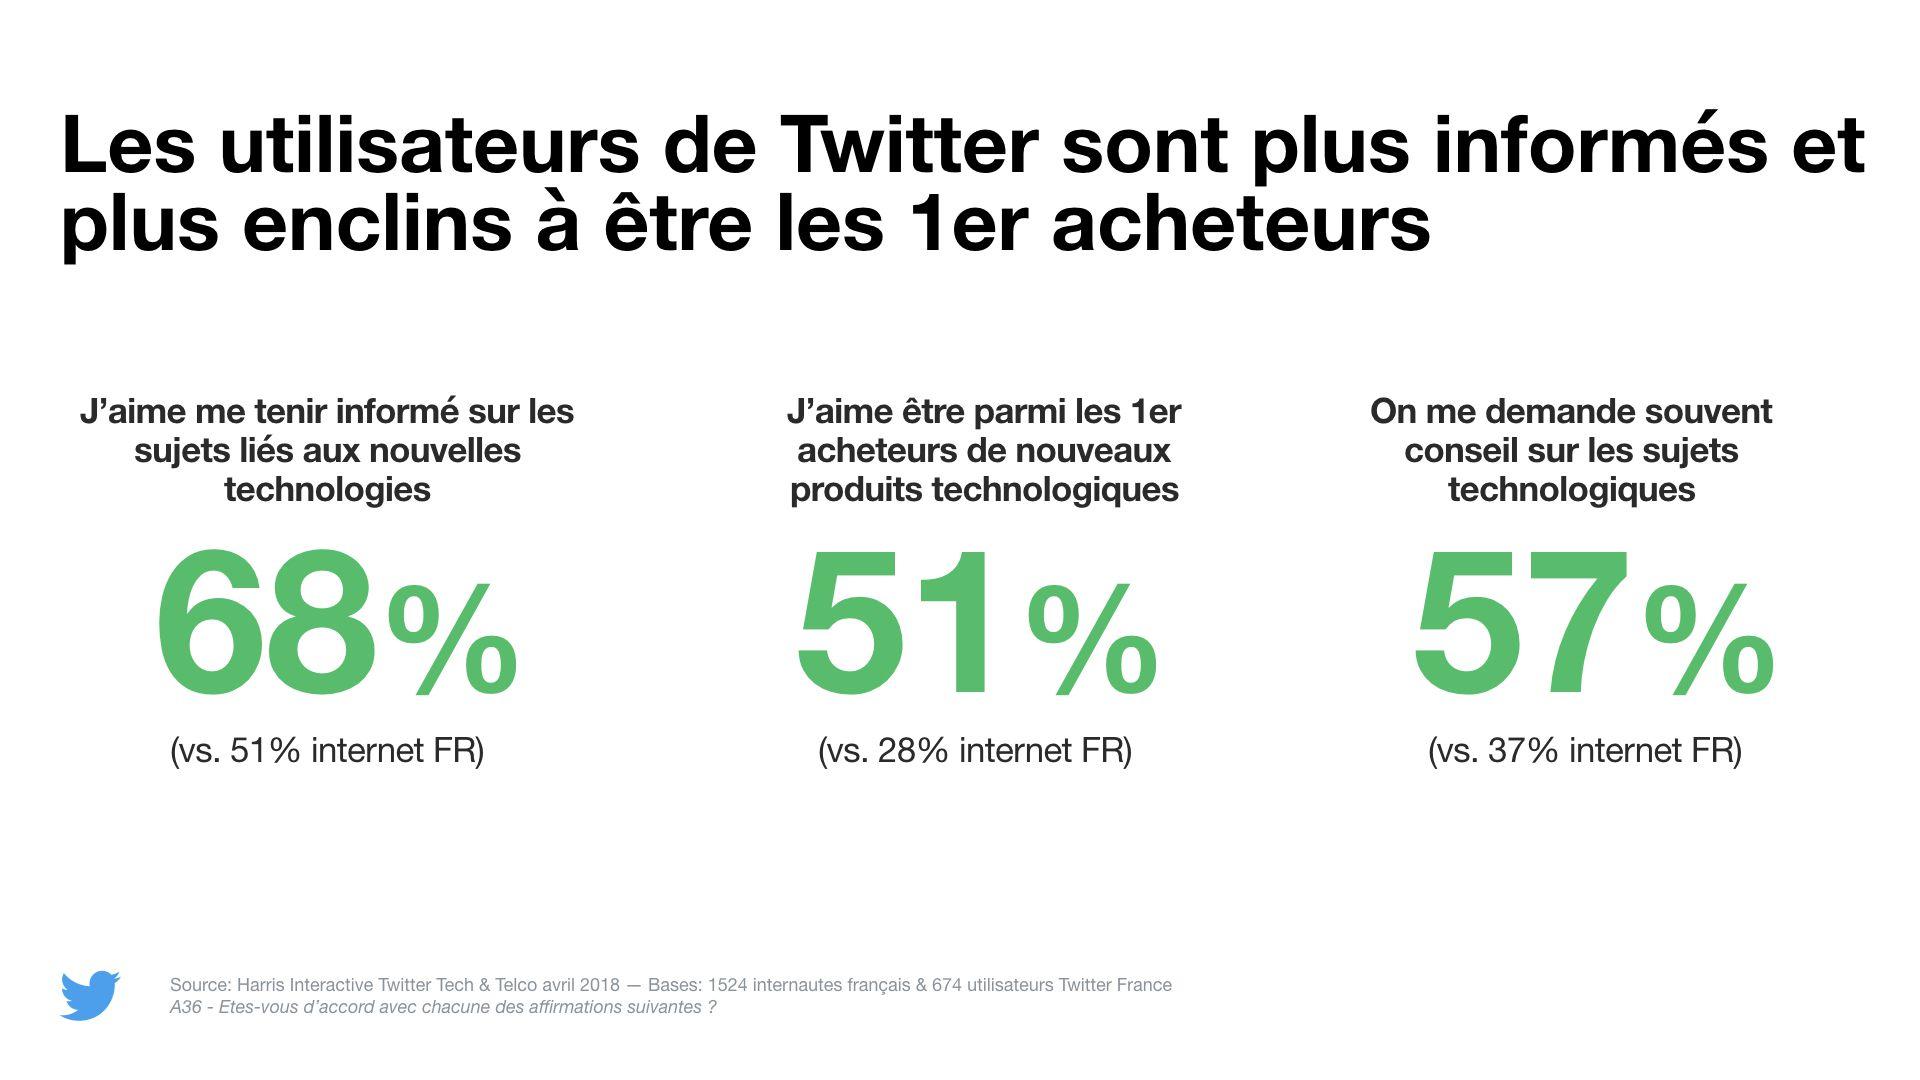 Twitter : les nouvelles technologies sont l'un des sujets favoris des utilisateurs